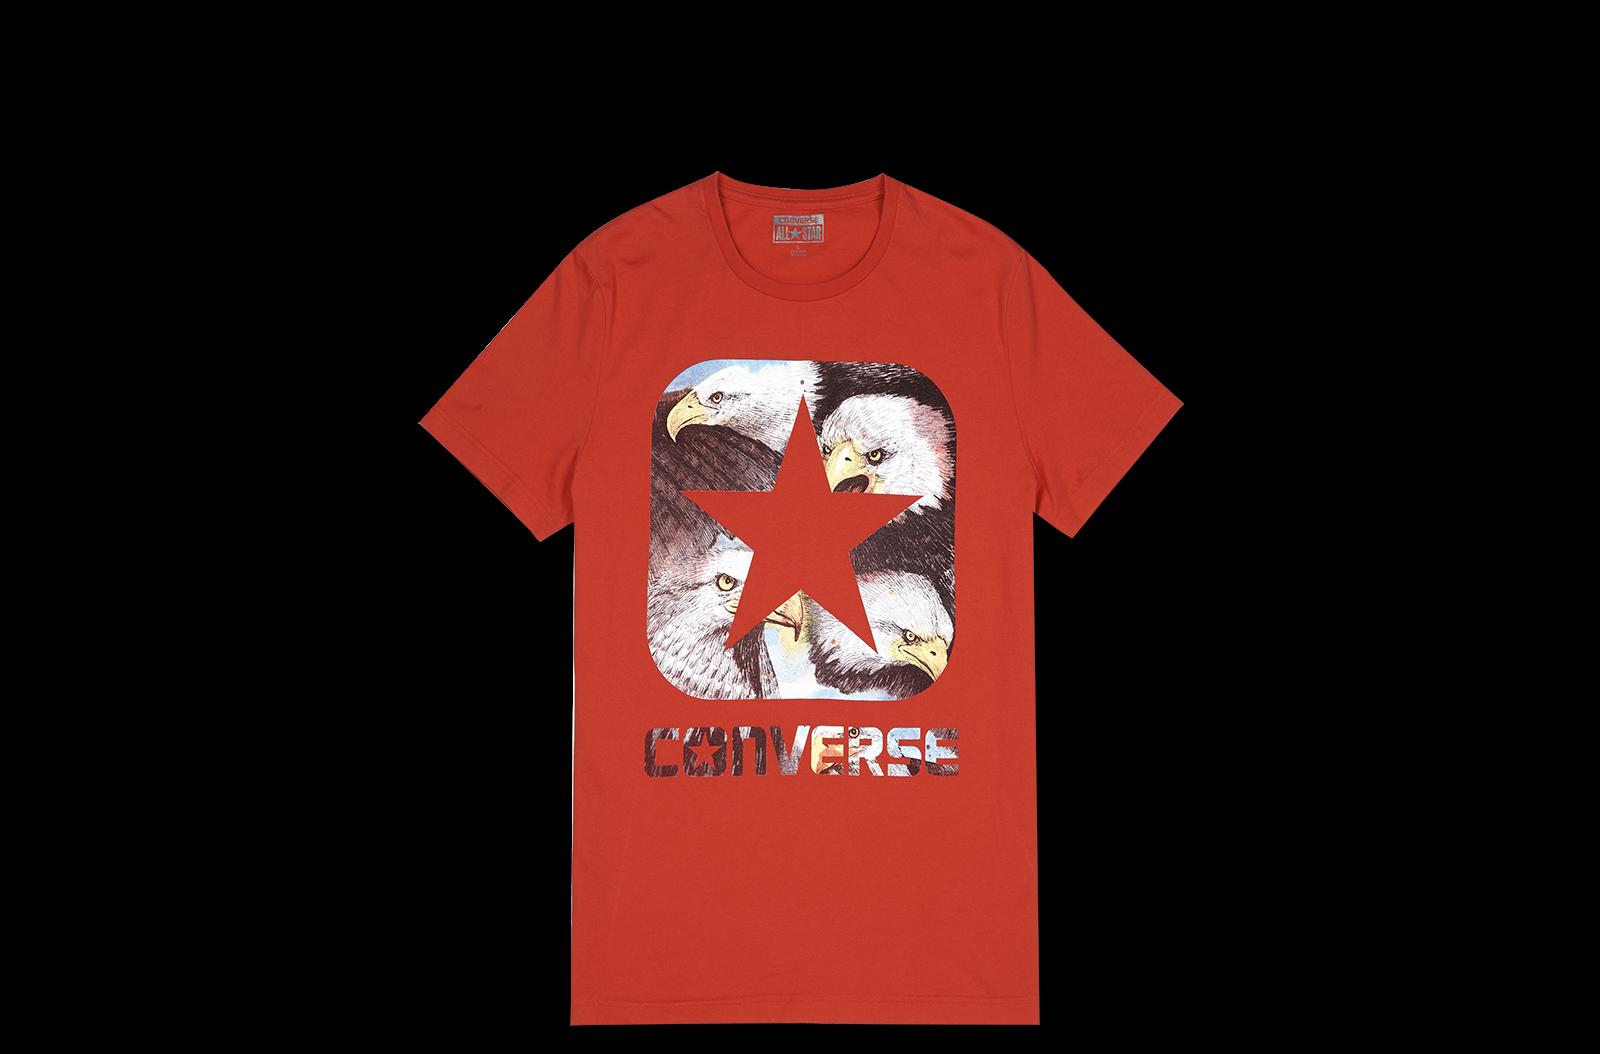 匡威converse 美国鹰盒形logo印花短袖t恤图片